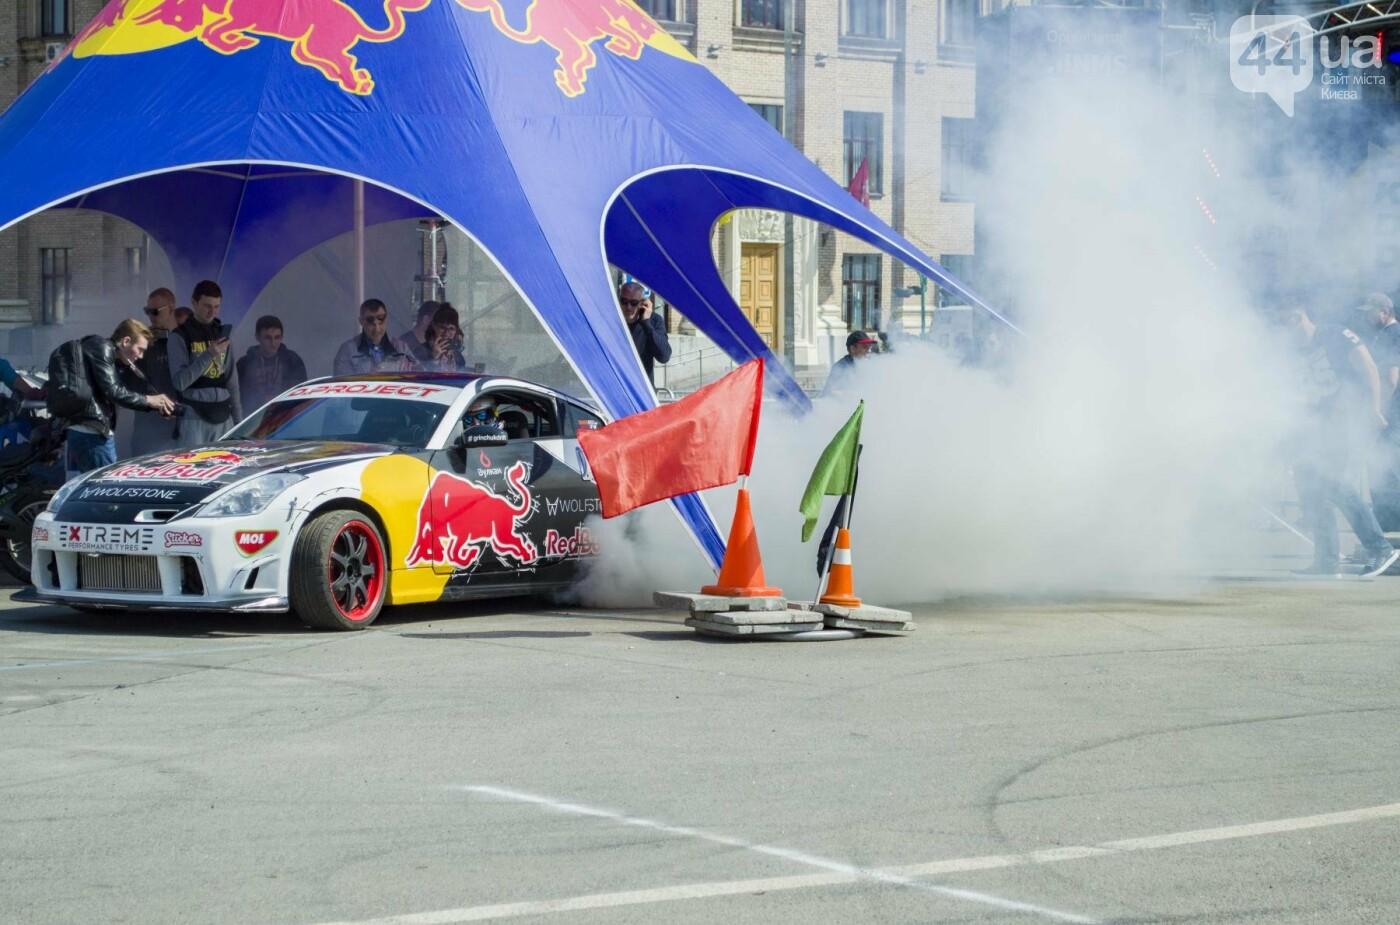 Мотогонки, автошоу патрульных и мощный дрифт: на Подоле проходит масштабный фестиваль драйва, фото-10